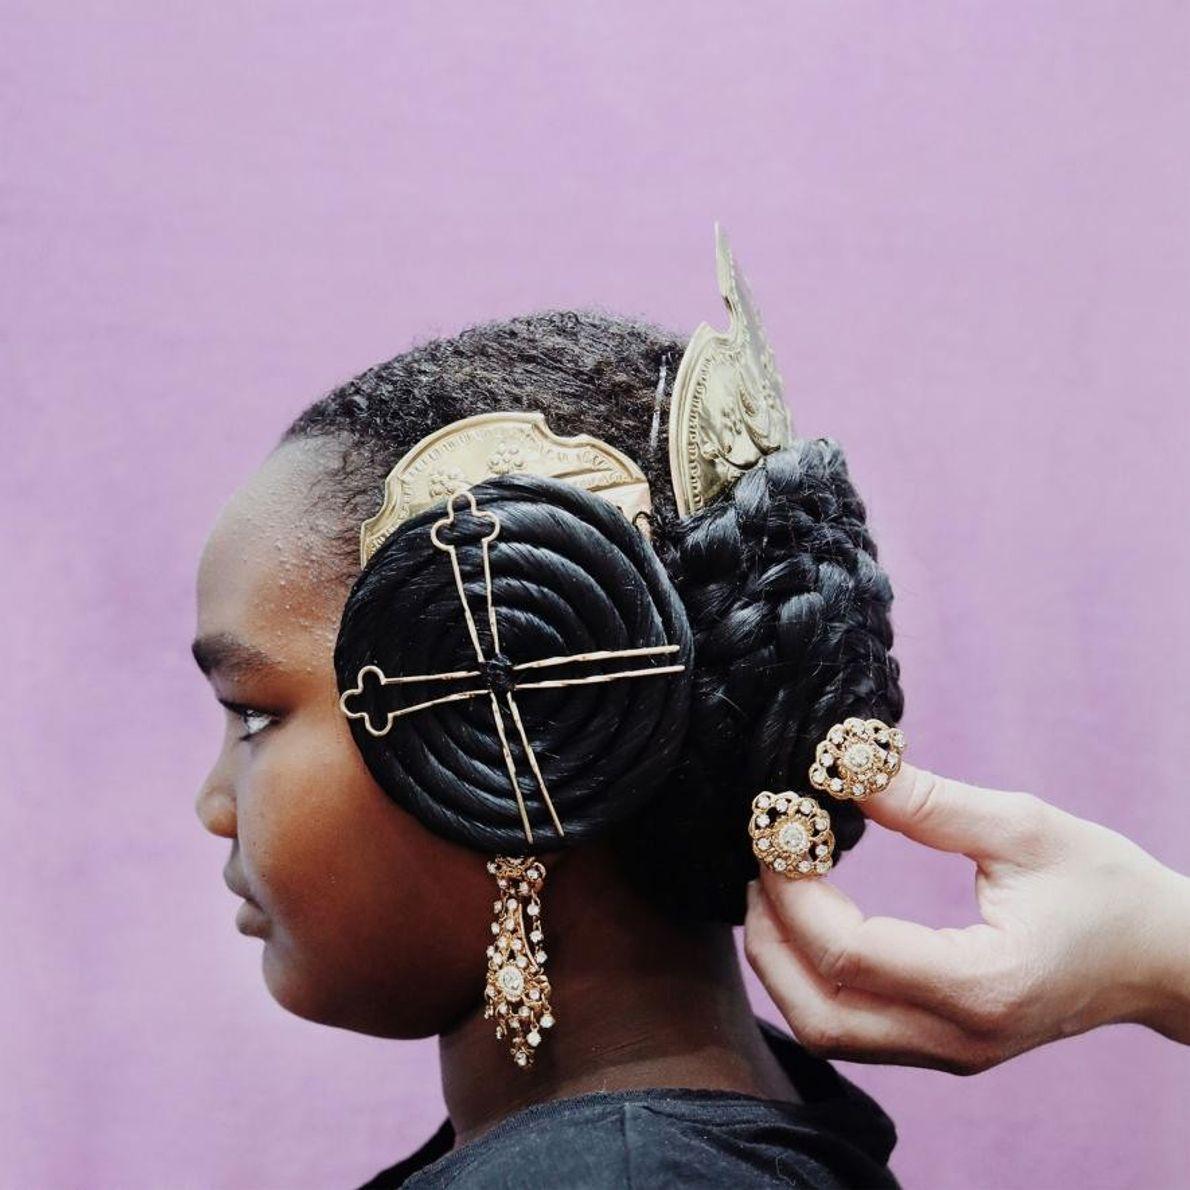 Âgée de 10 ans, Lola est originaire d'Éthiopie et a été adoptée par une famille valencienne. ...